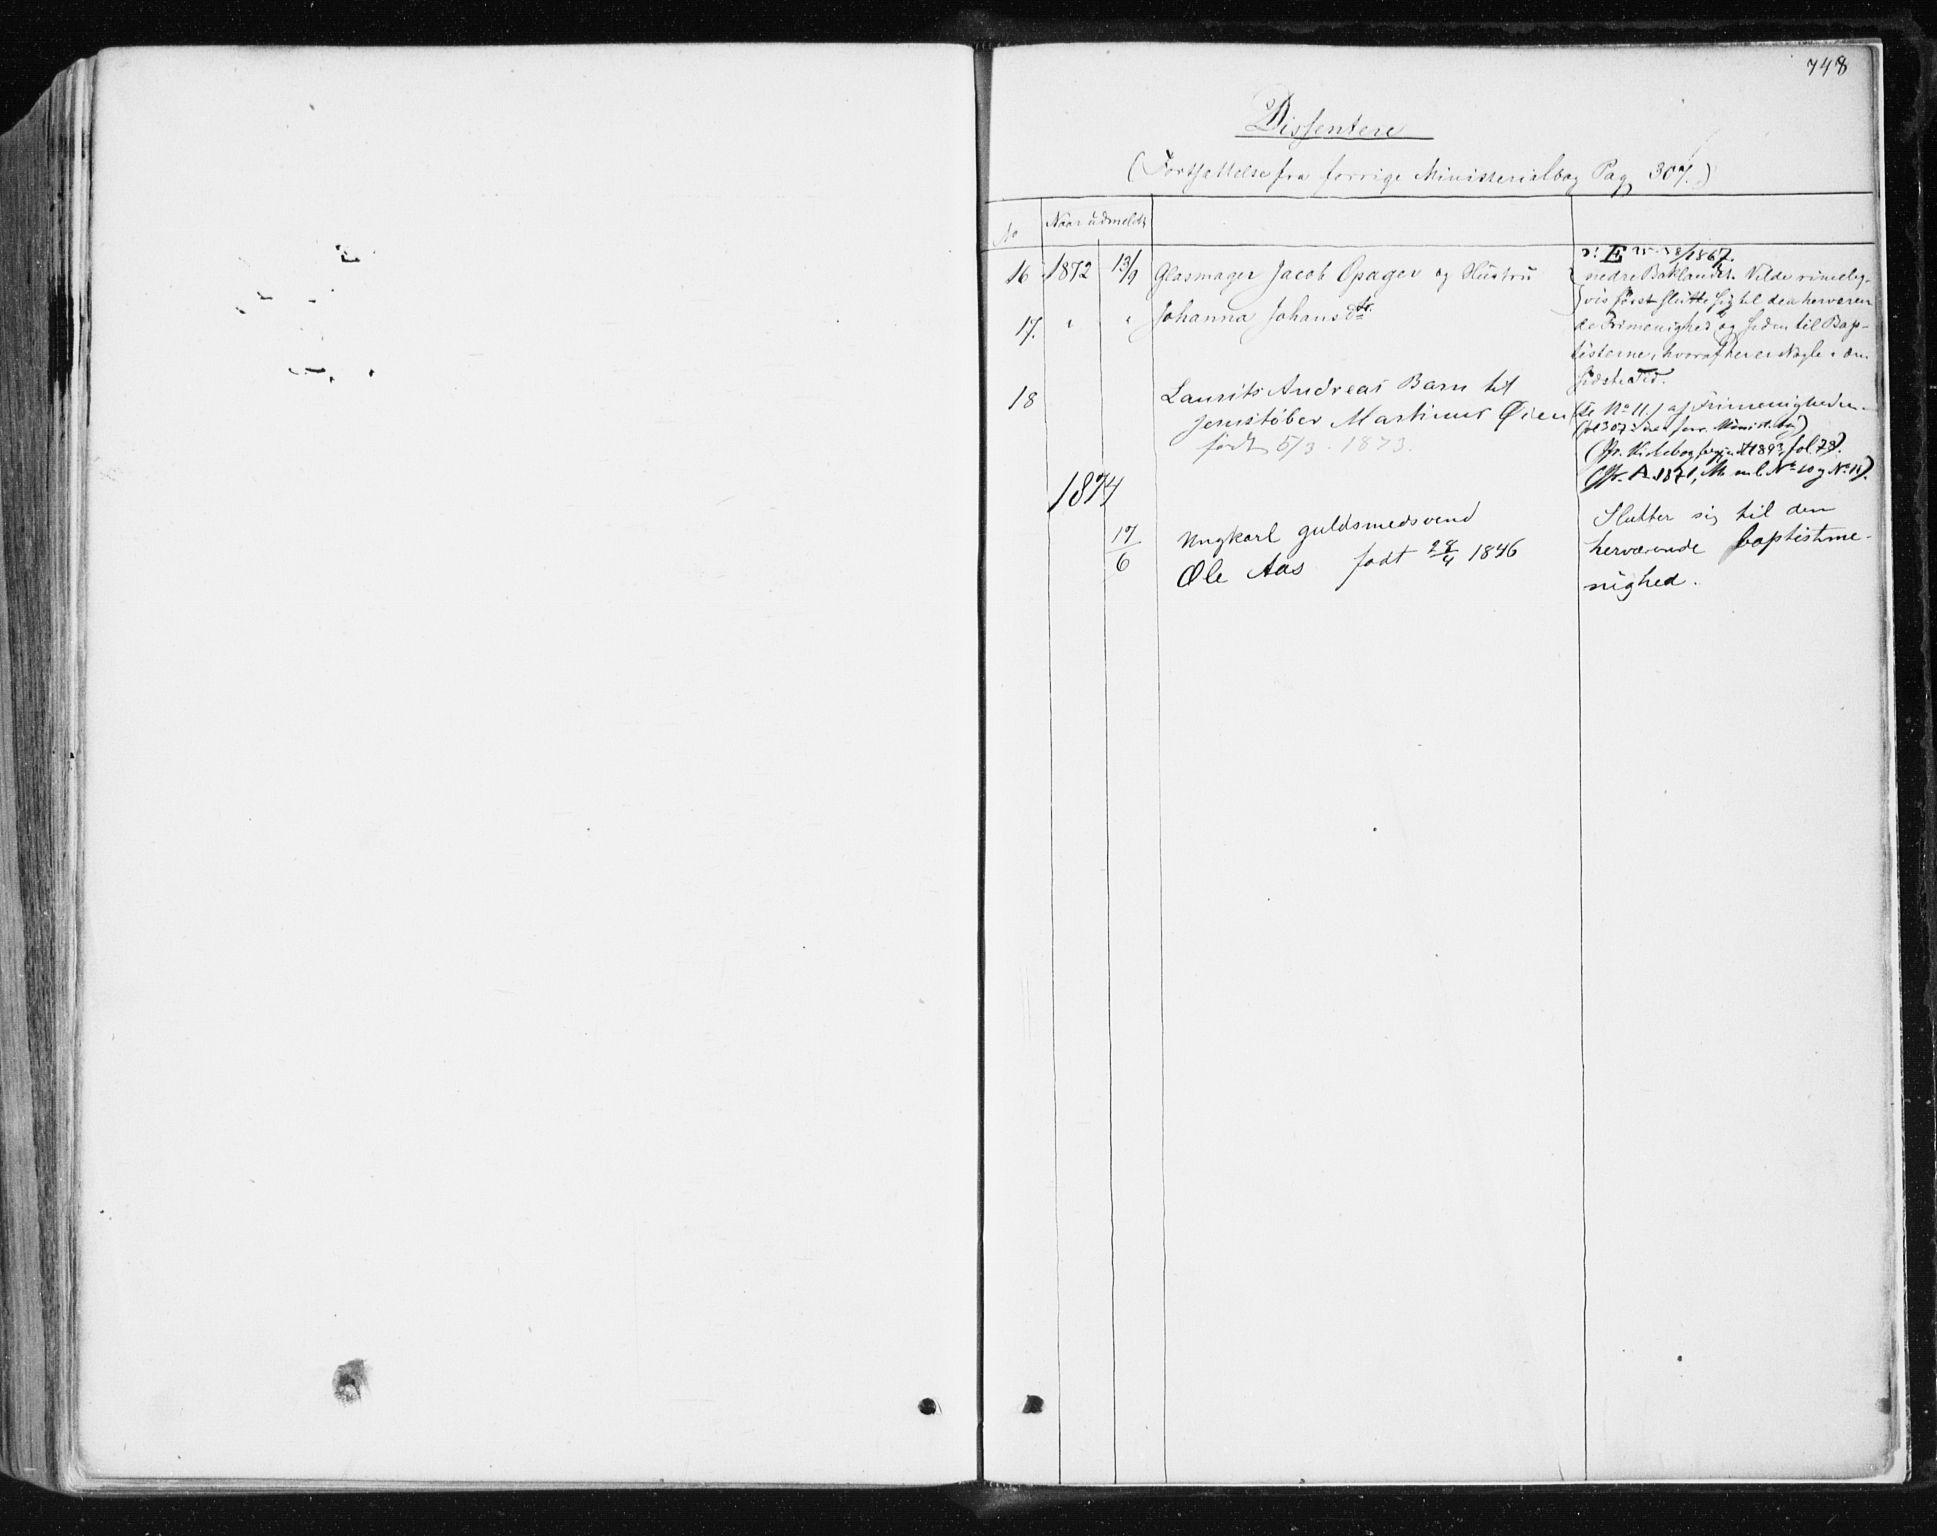 SAT, Ministerialprotokoller, klokkerbøker og fødselsregistre - Sør-Trøndelag, 604/L0186: Ministerialbok nr. 604A07, 1866-1877, s. 748